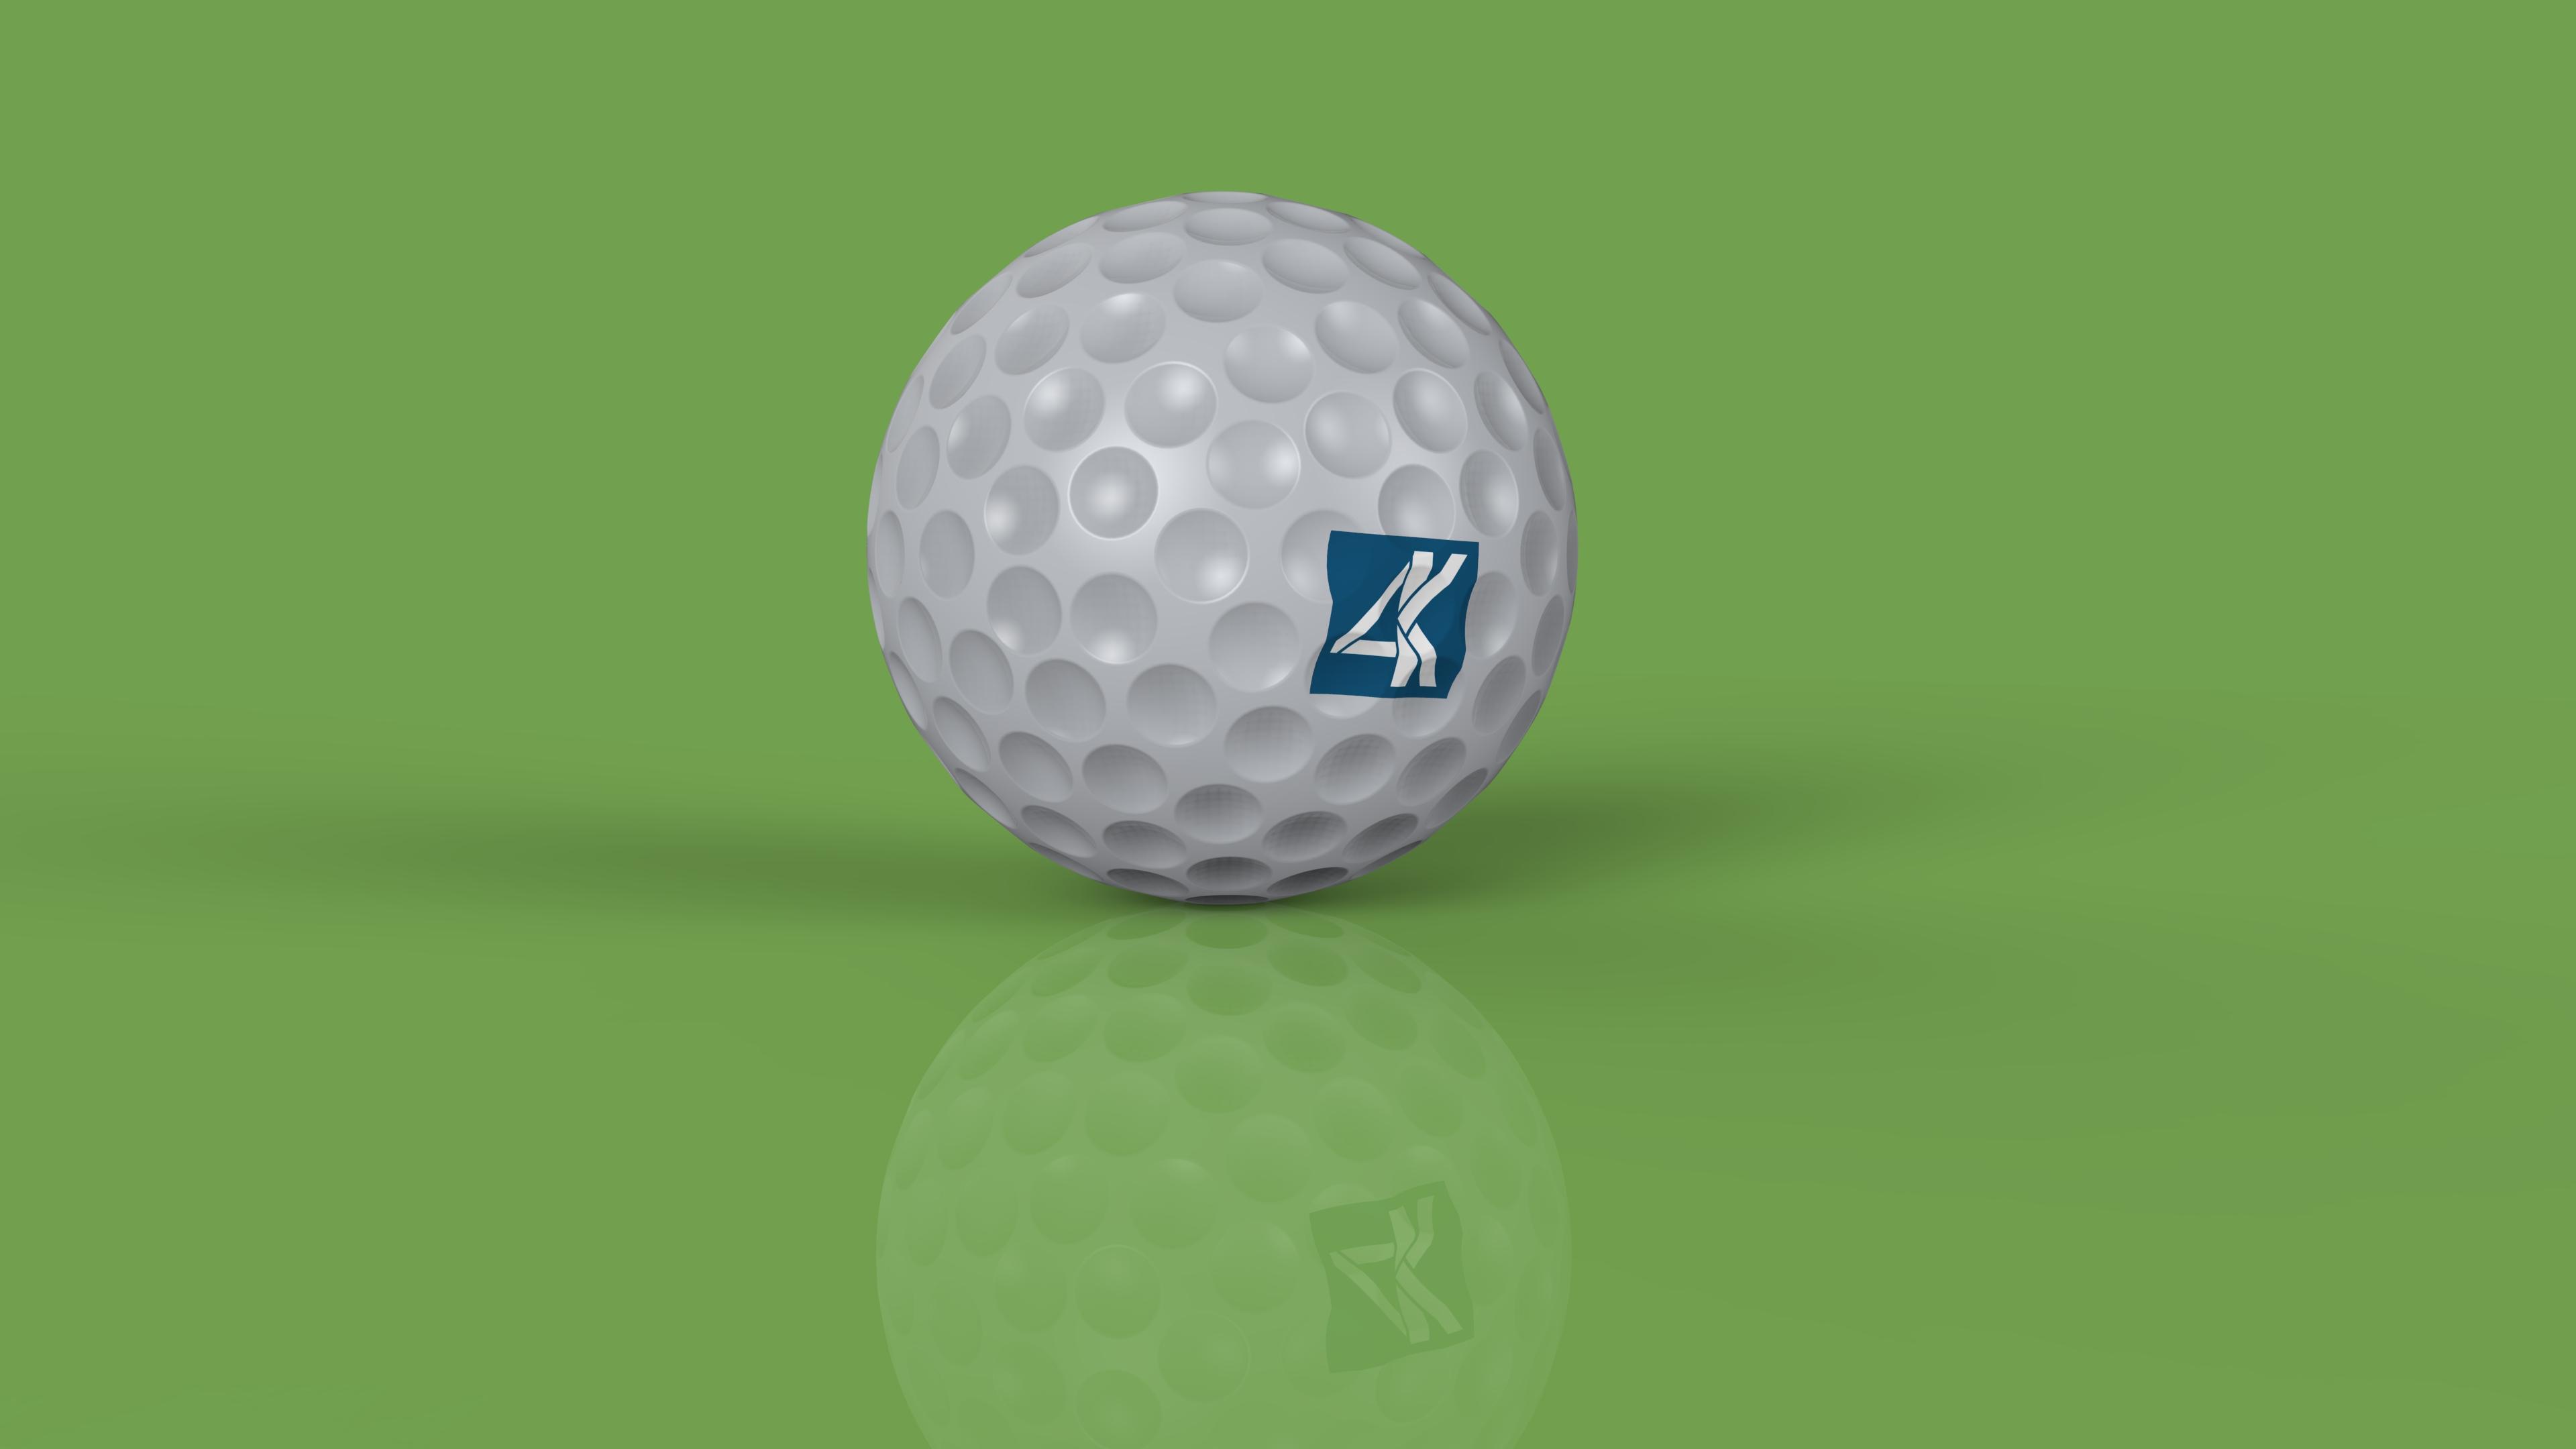 4K_golf_ball.jpg